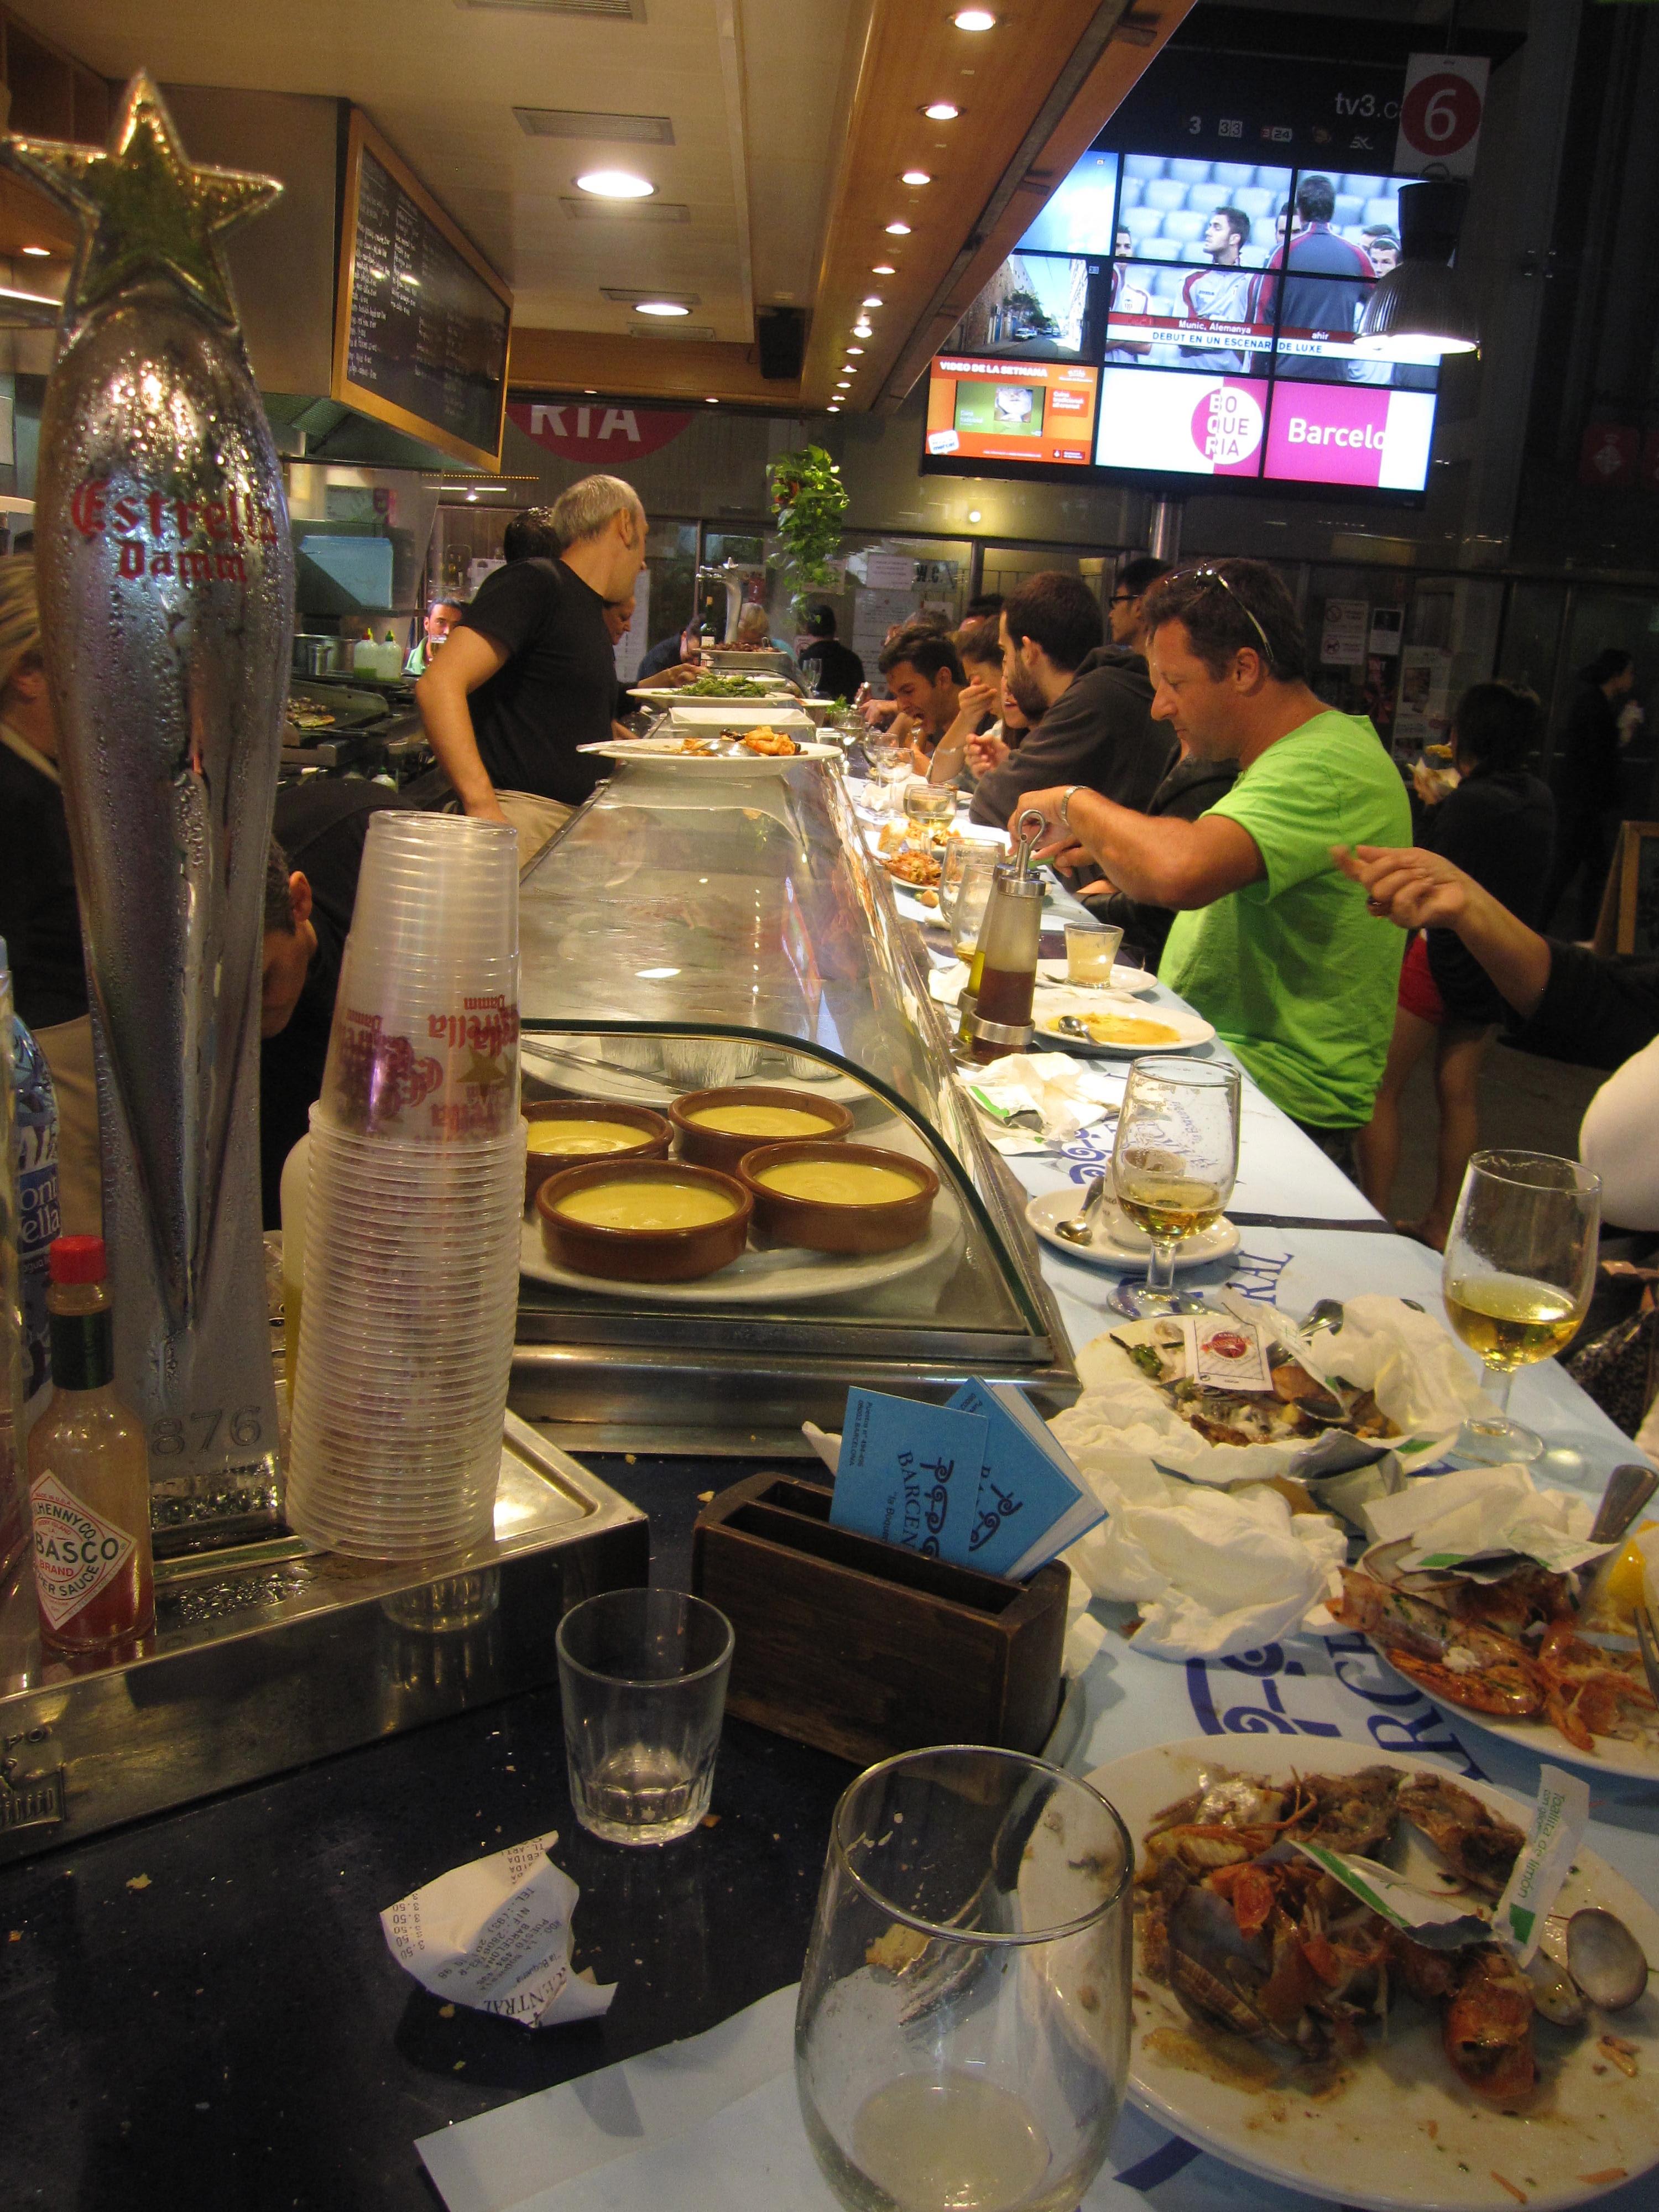 Bar Centrale at La Boqueria